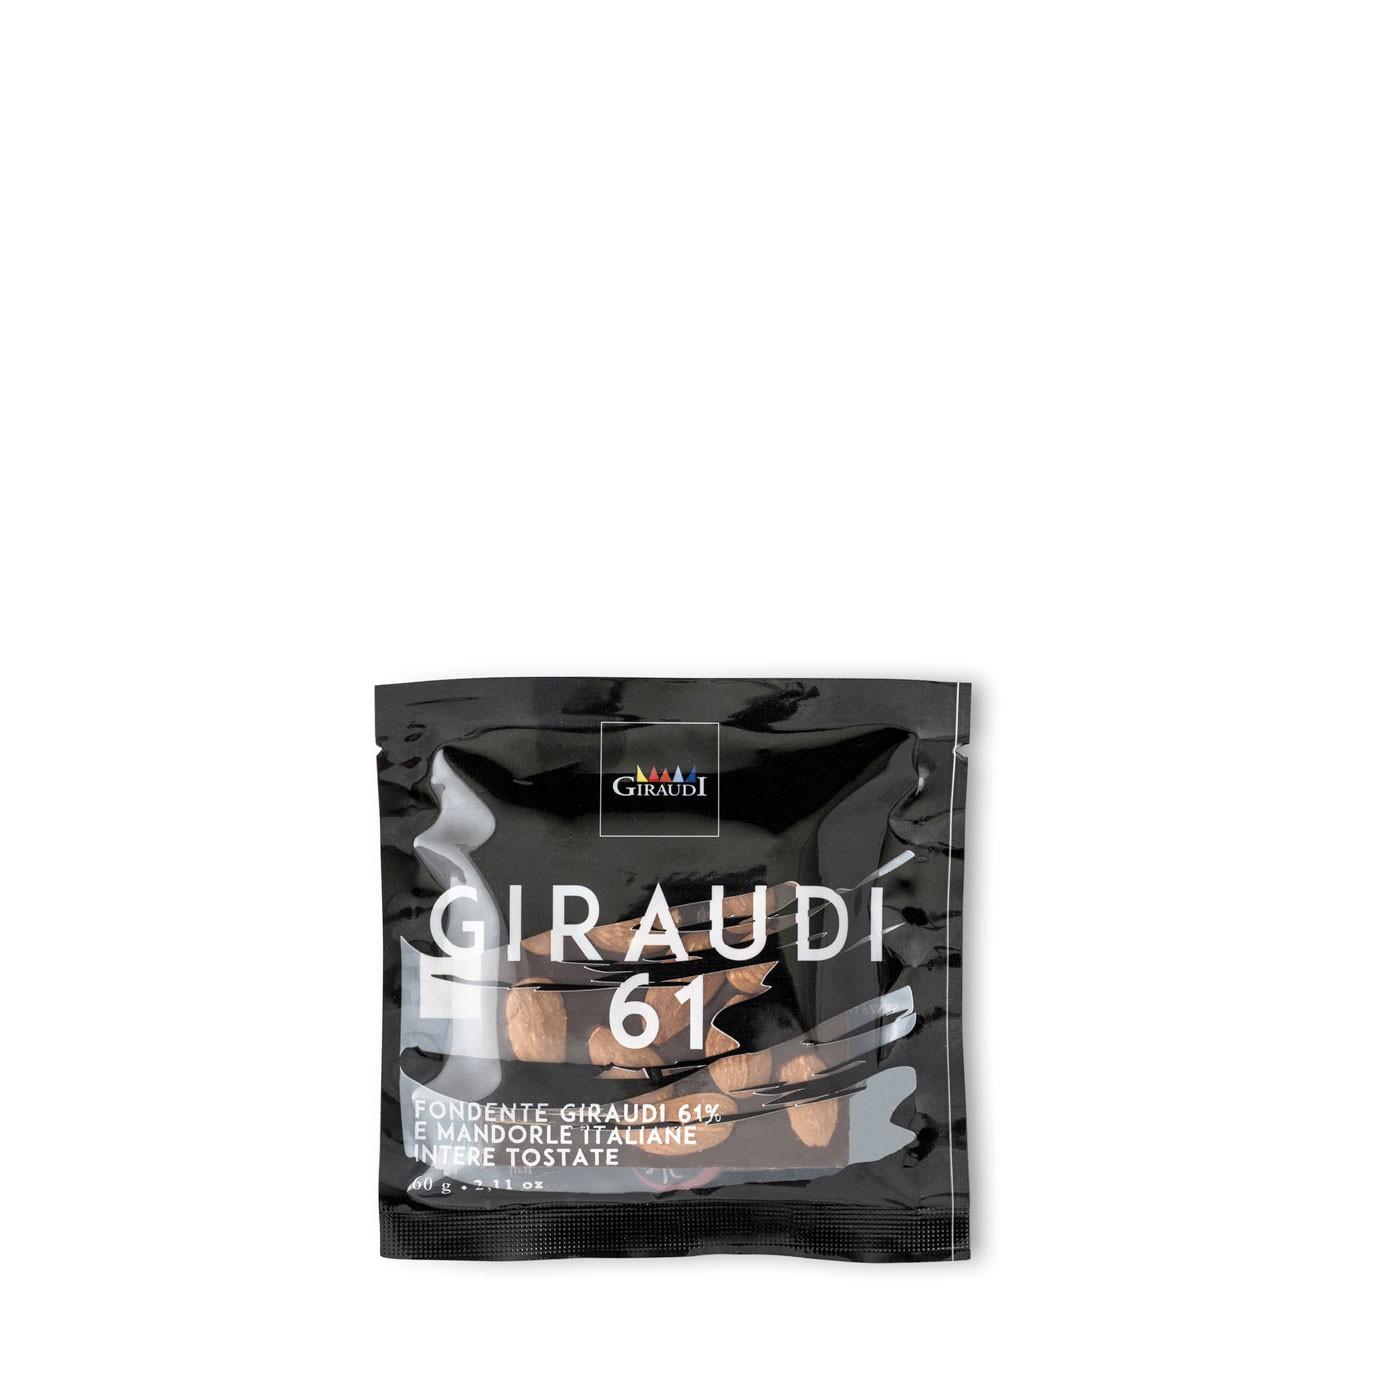 Dark Chocolate with Almonds 2.11 oz